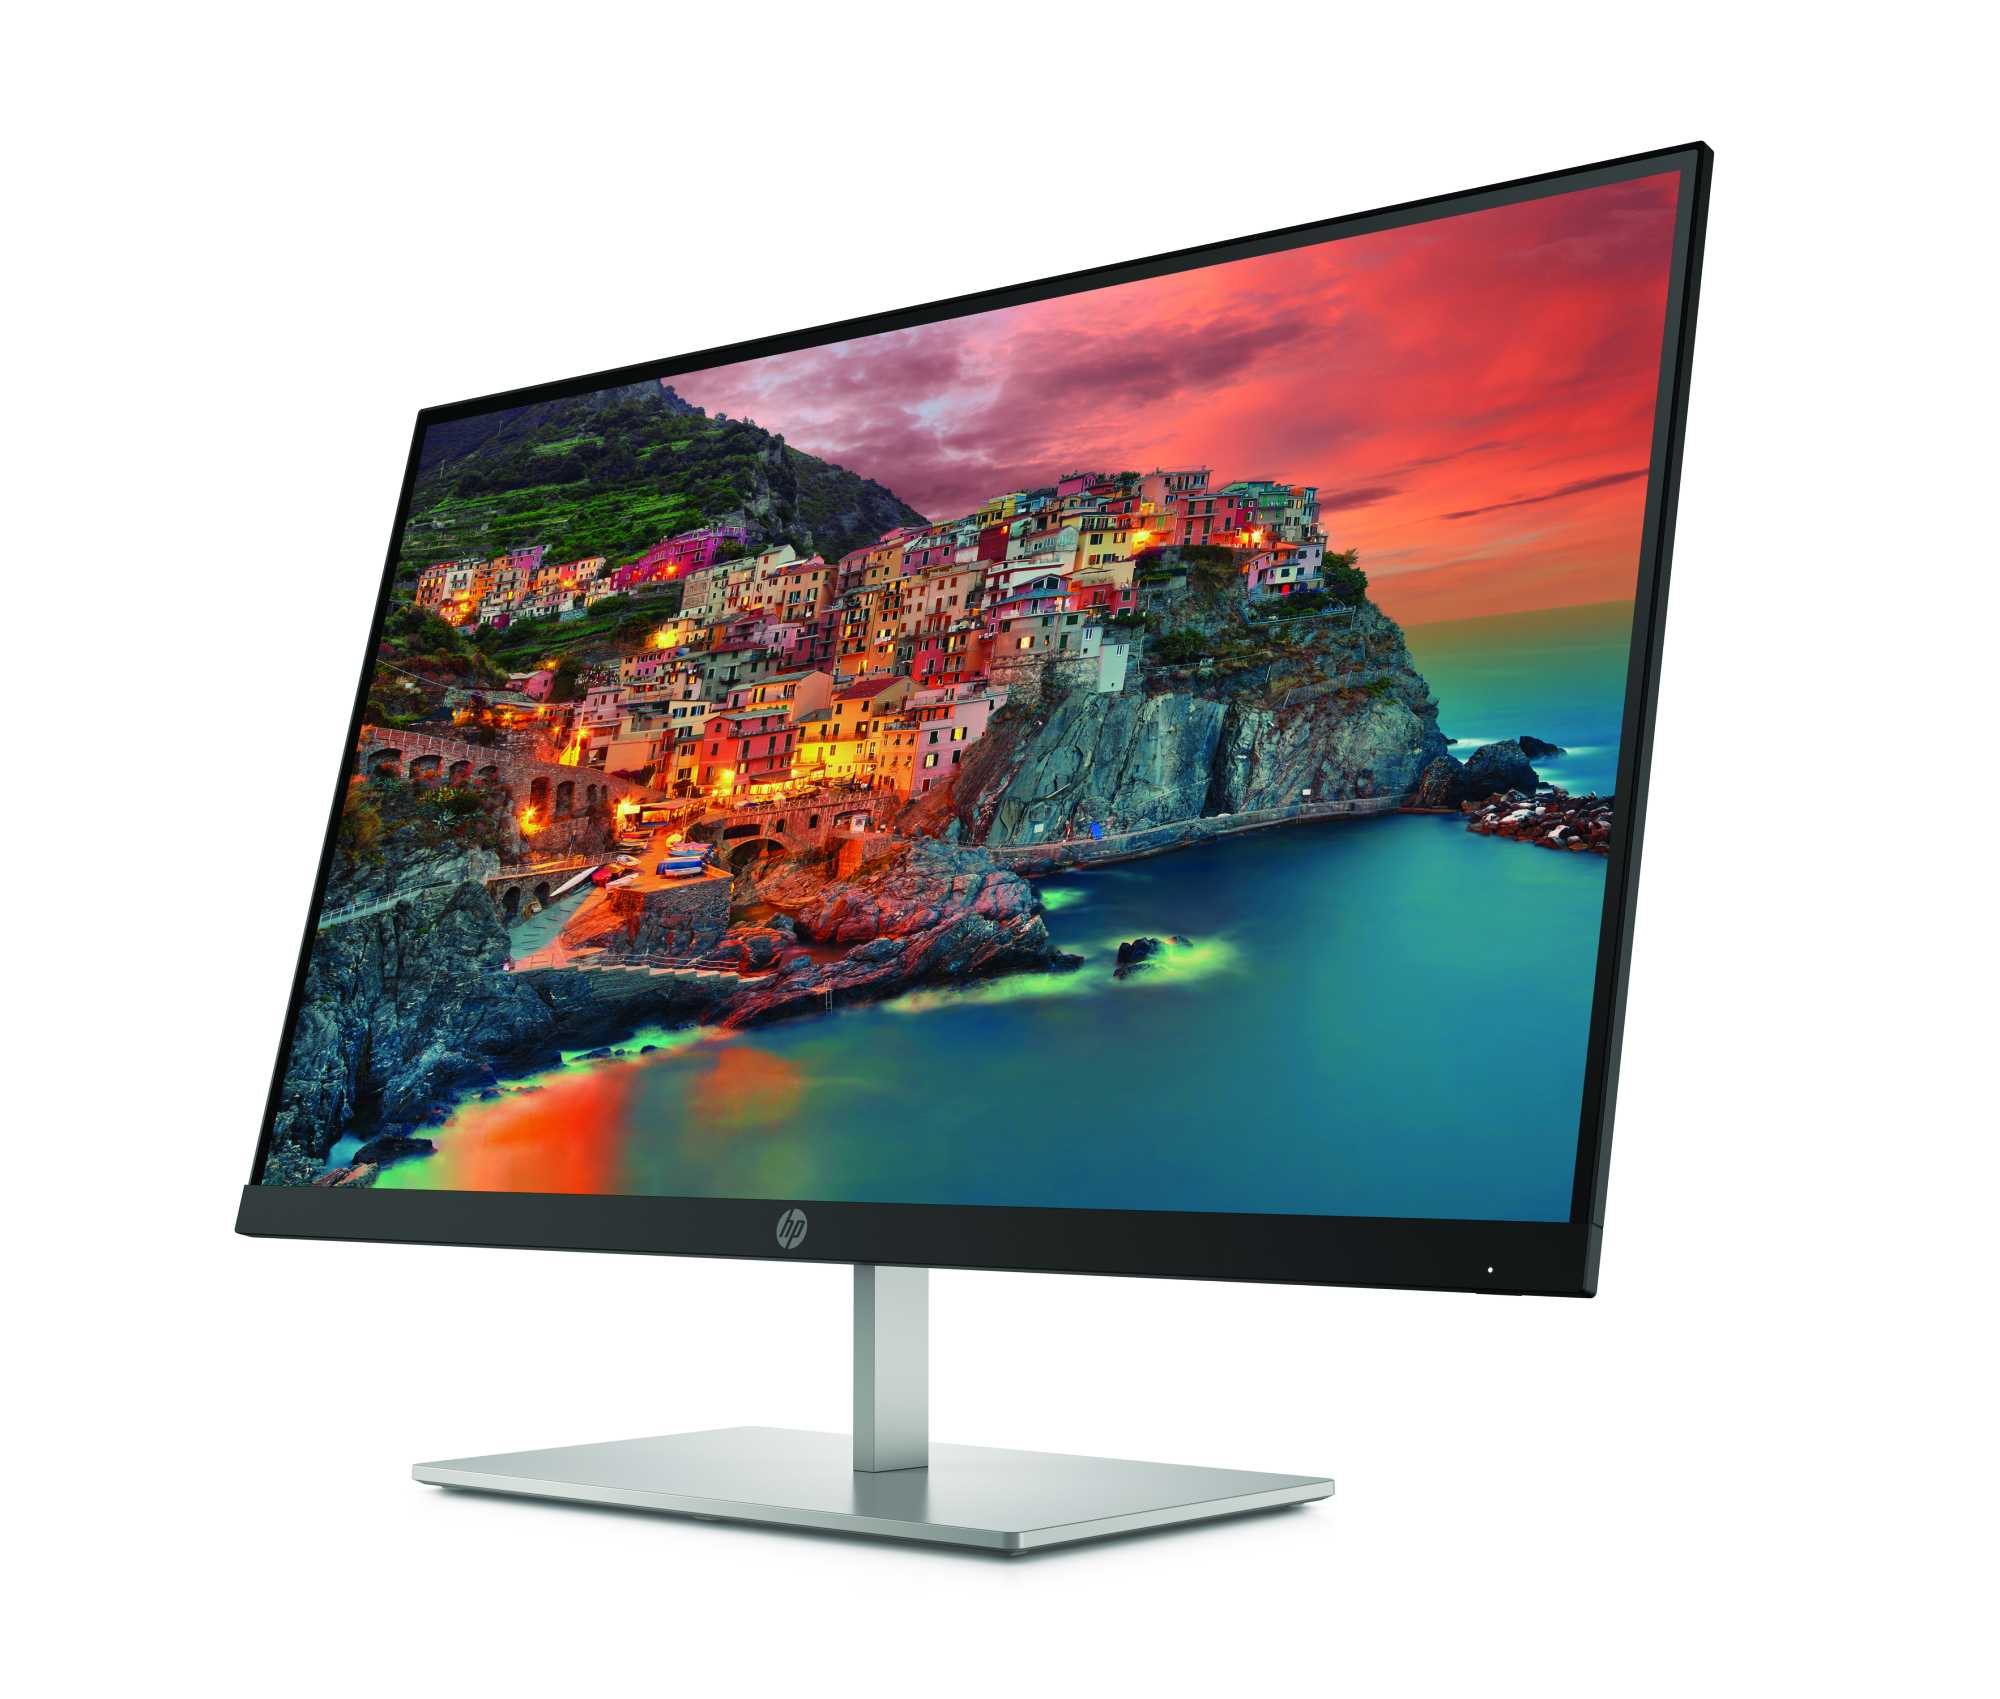 Das Pavilion 27 Quantum Dot Display zeigt 2560 x 1440 Pixel und nutzt Quantenpunkte.